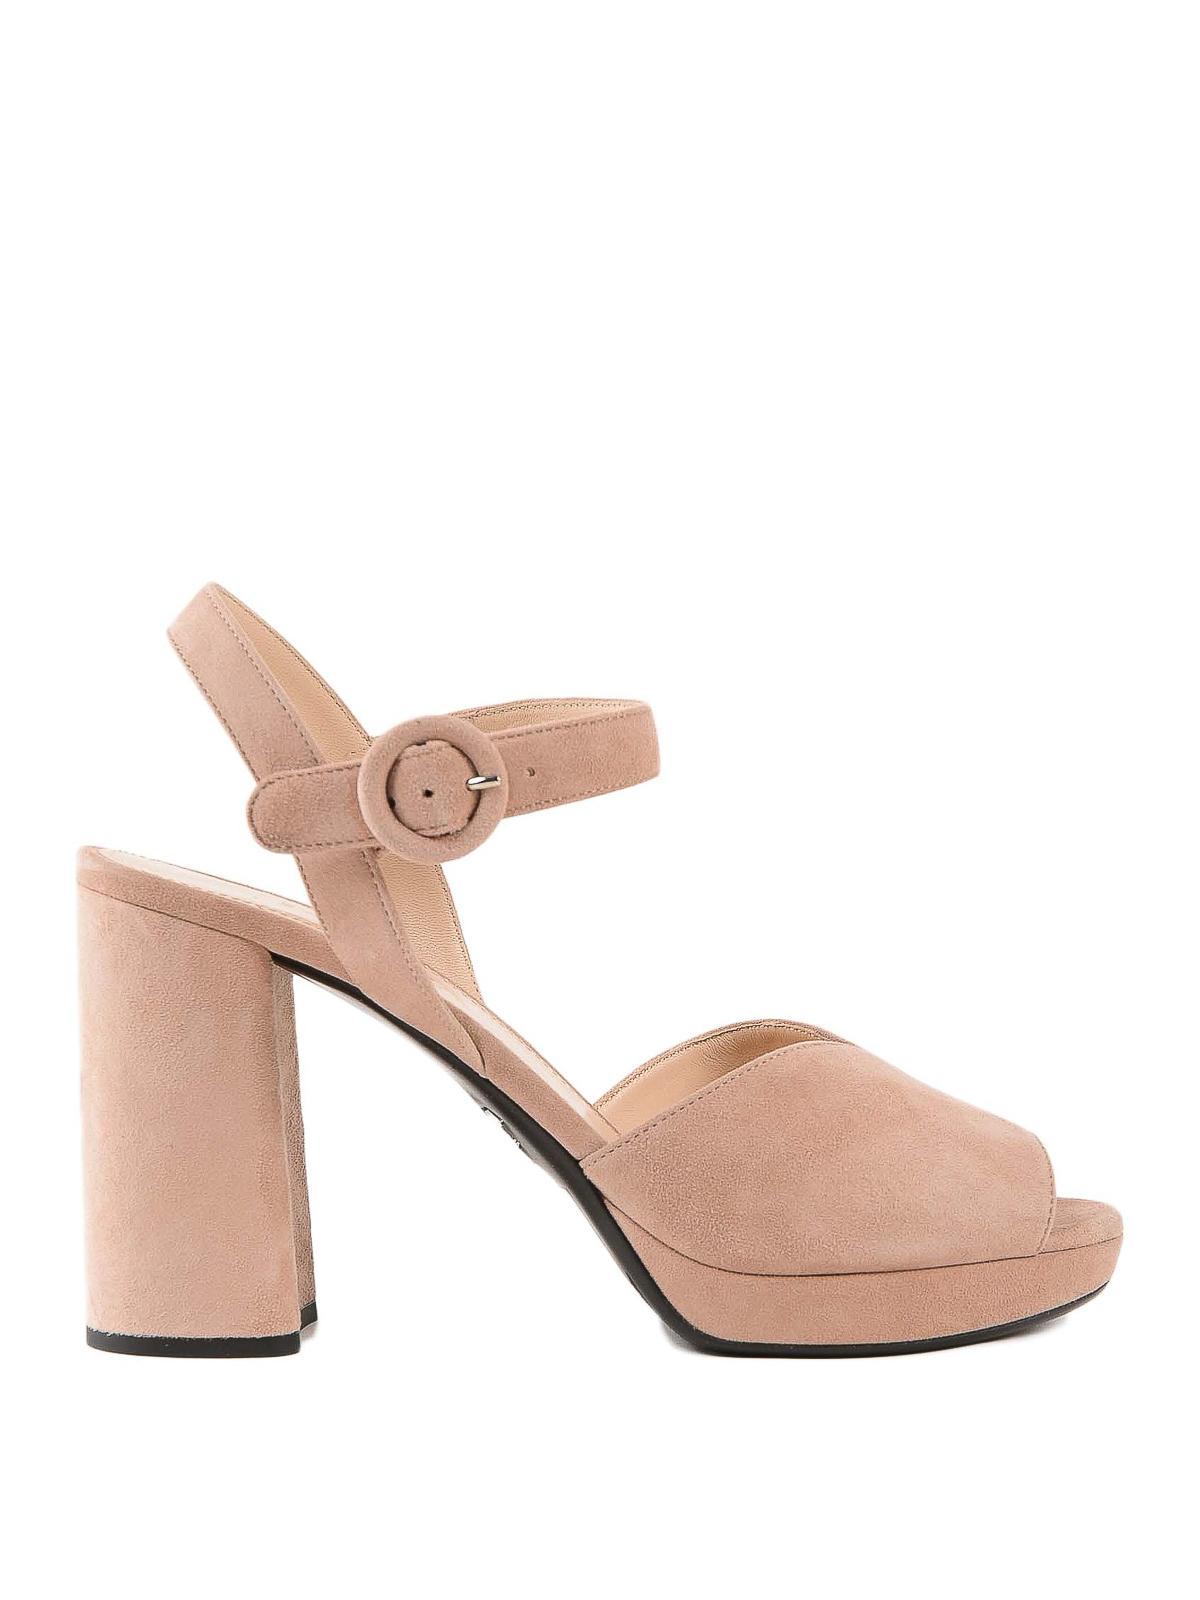 Light pink suede platform sandals